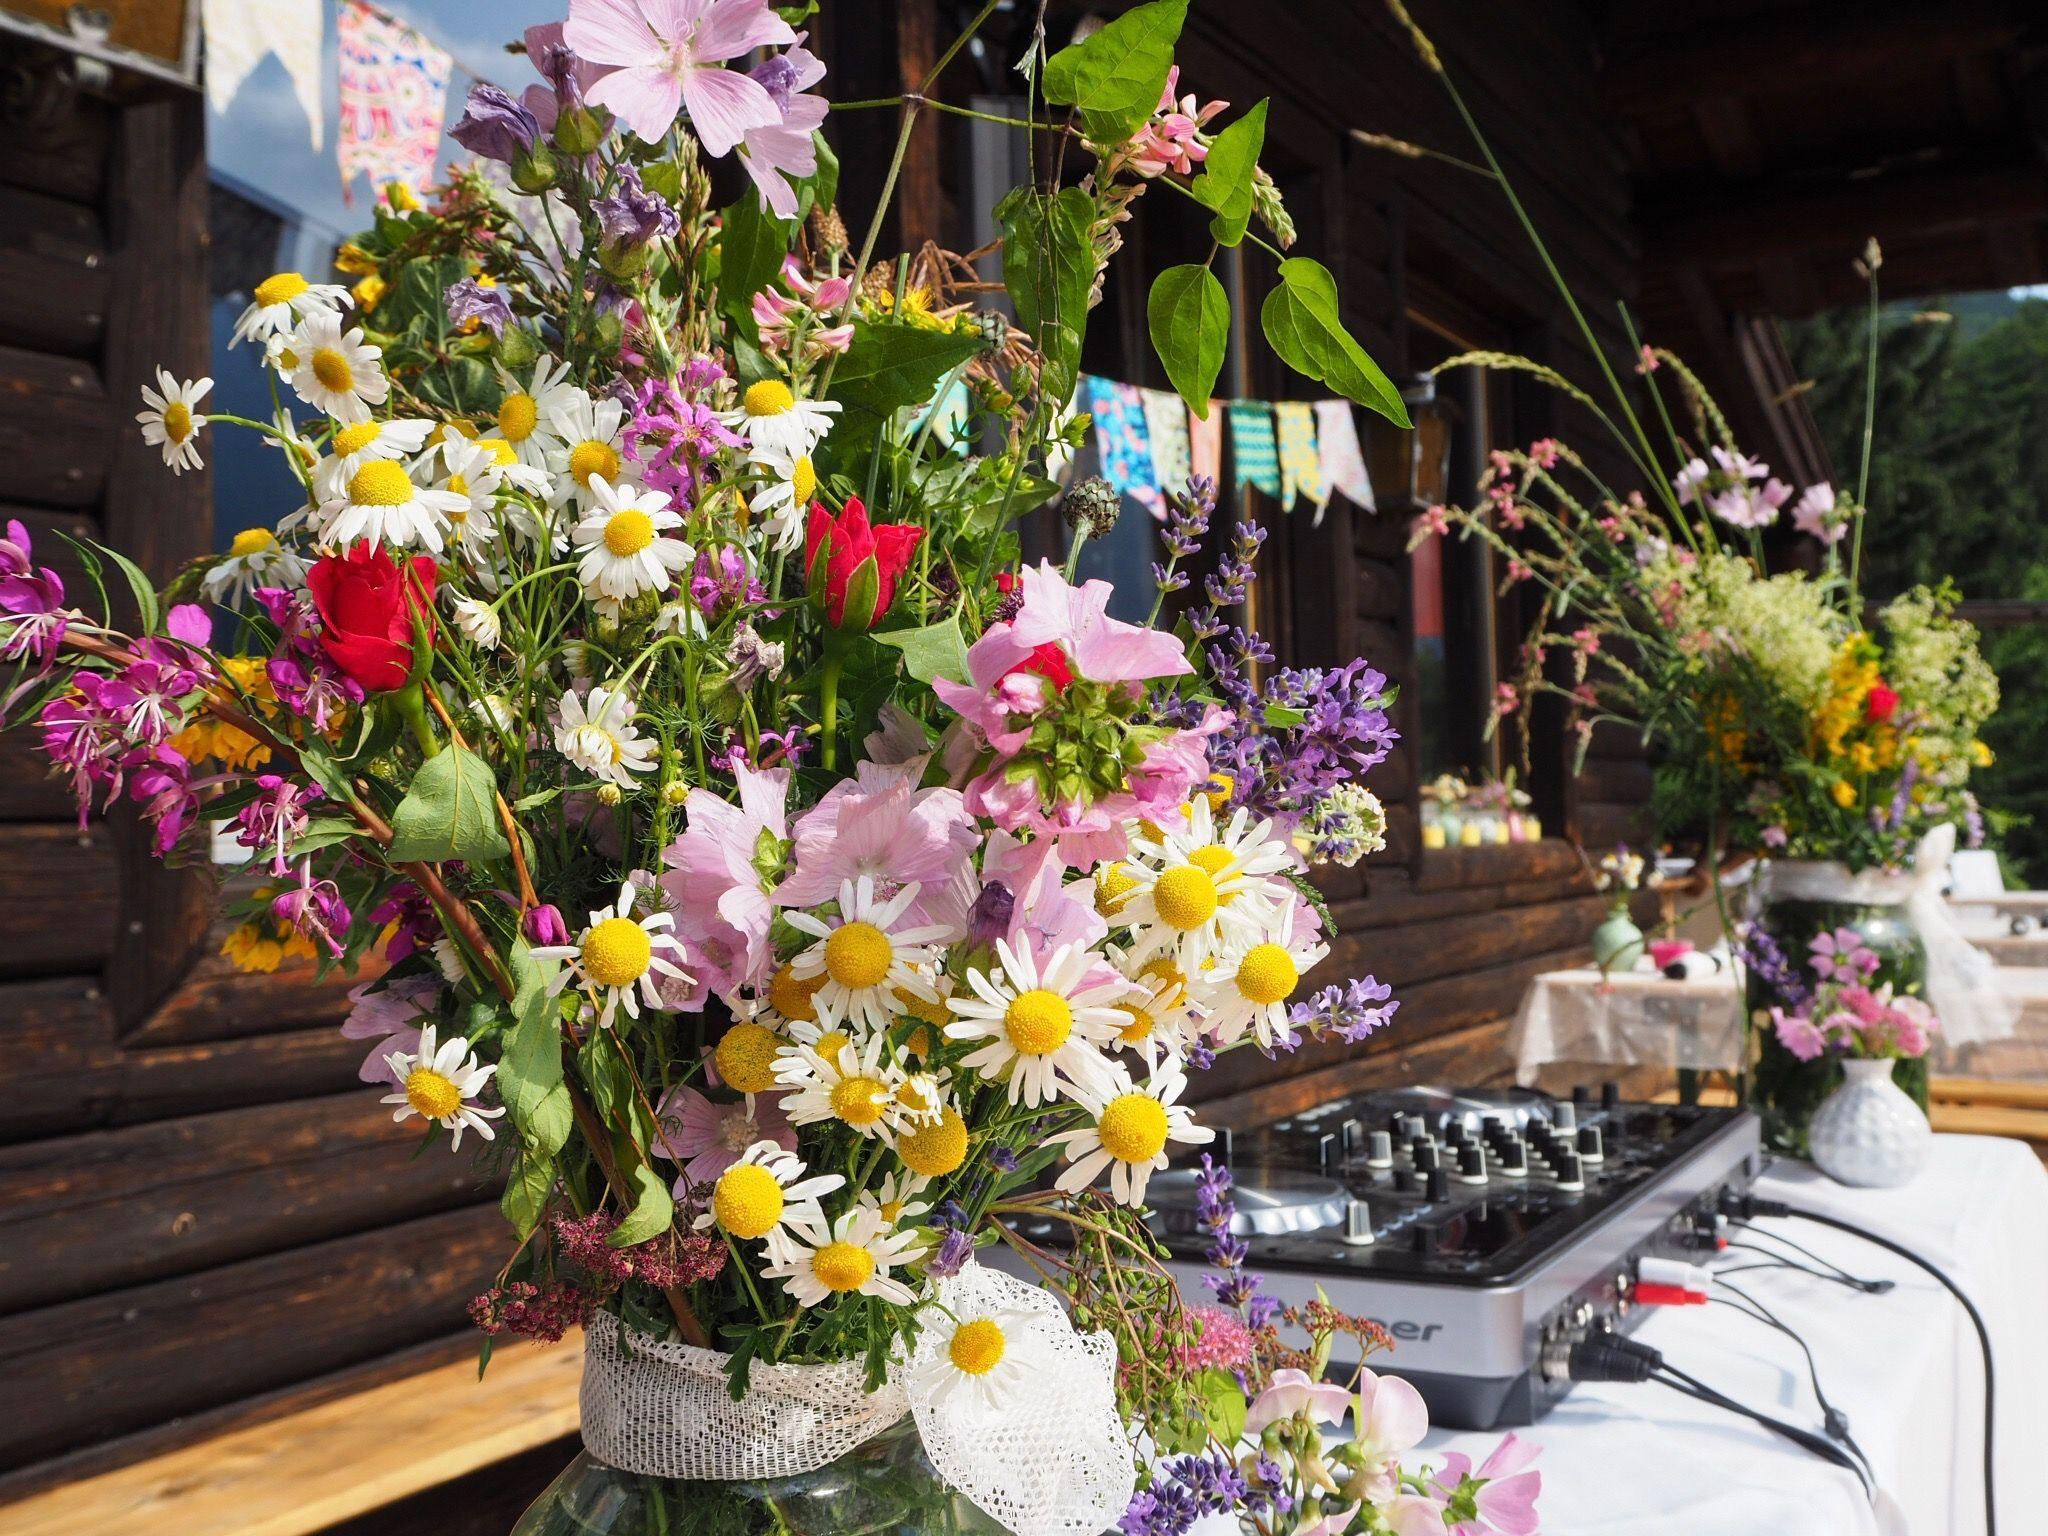 Sympathisch Dekoration Gartenparty Sammlung Von Gartenparty, Midsommar Fest, Wiesenblumen By Jasmin Stanonik